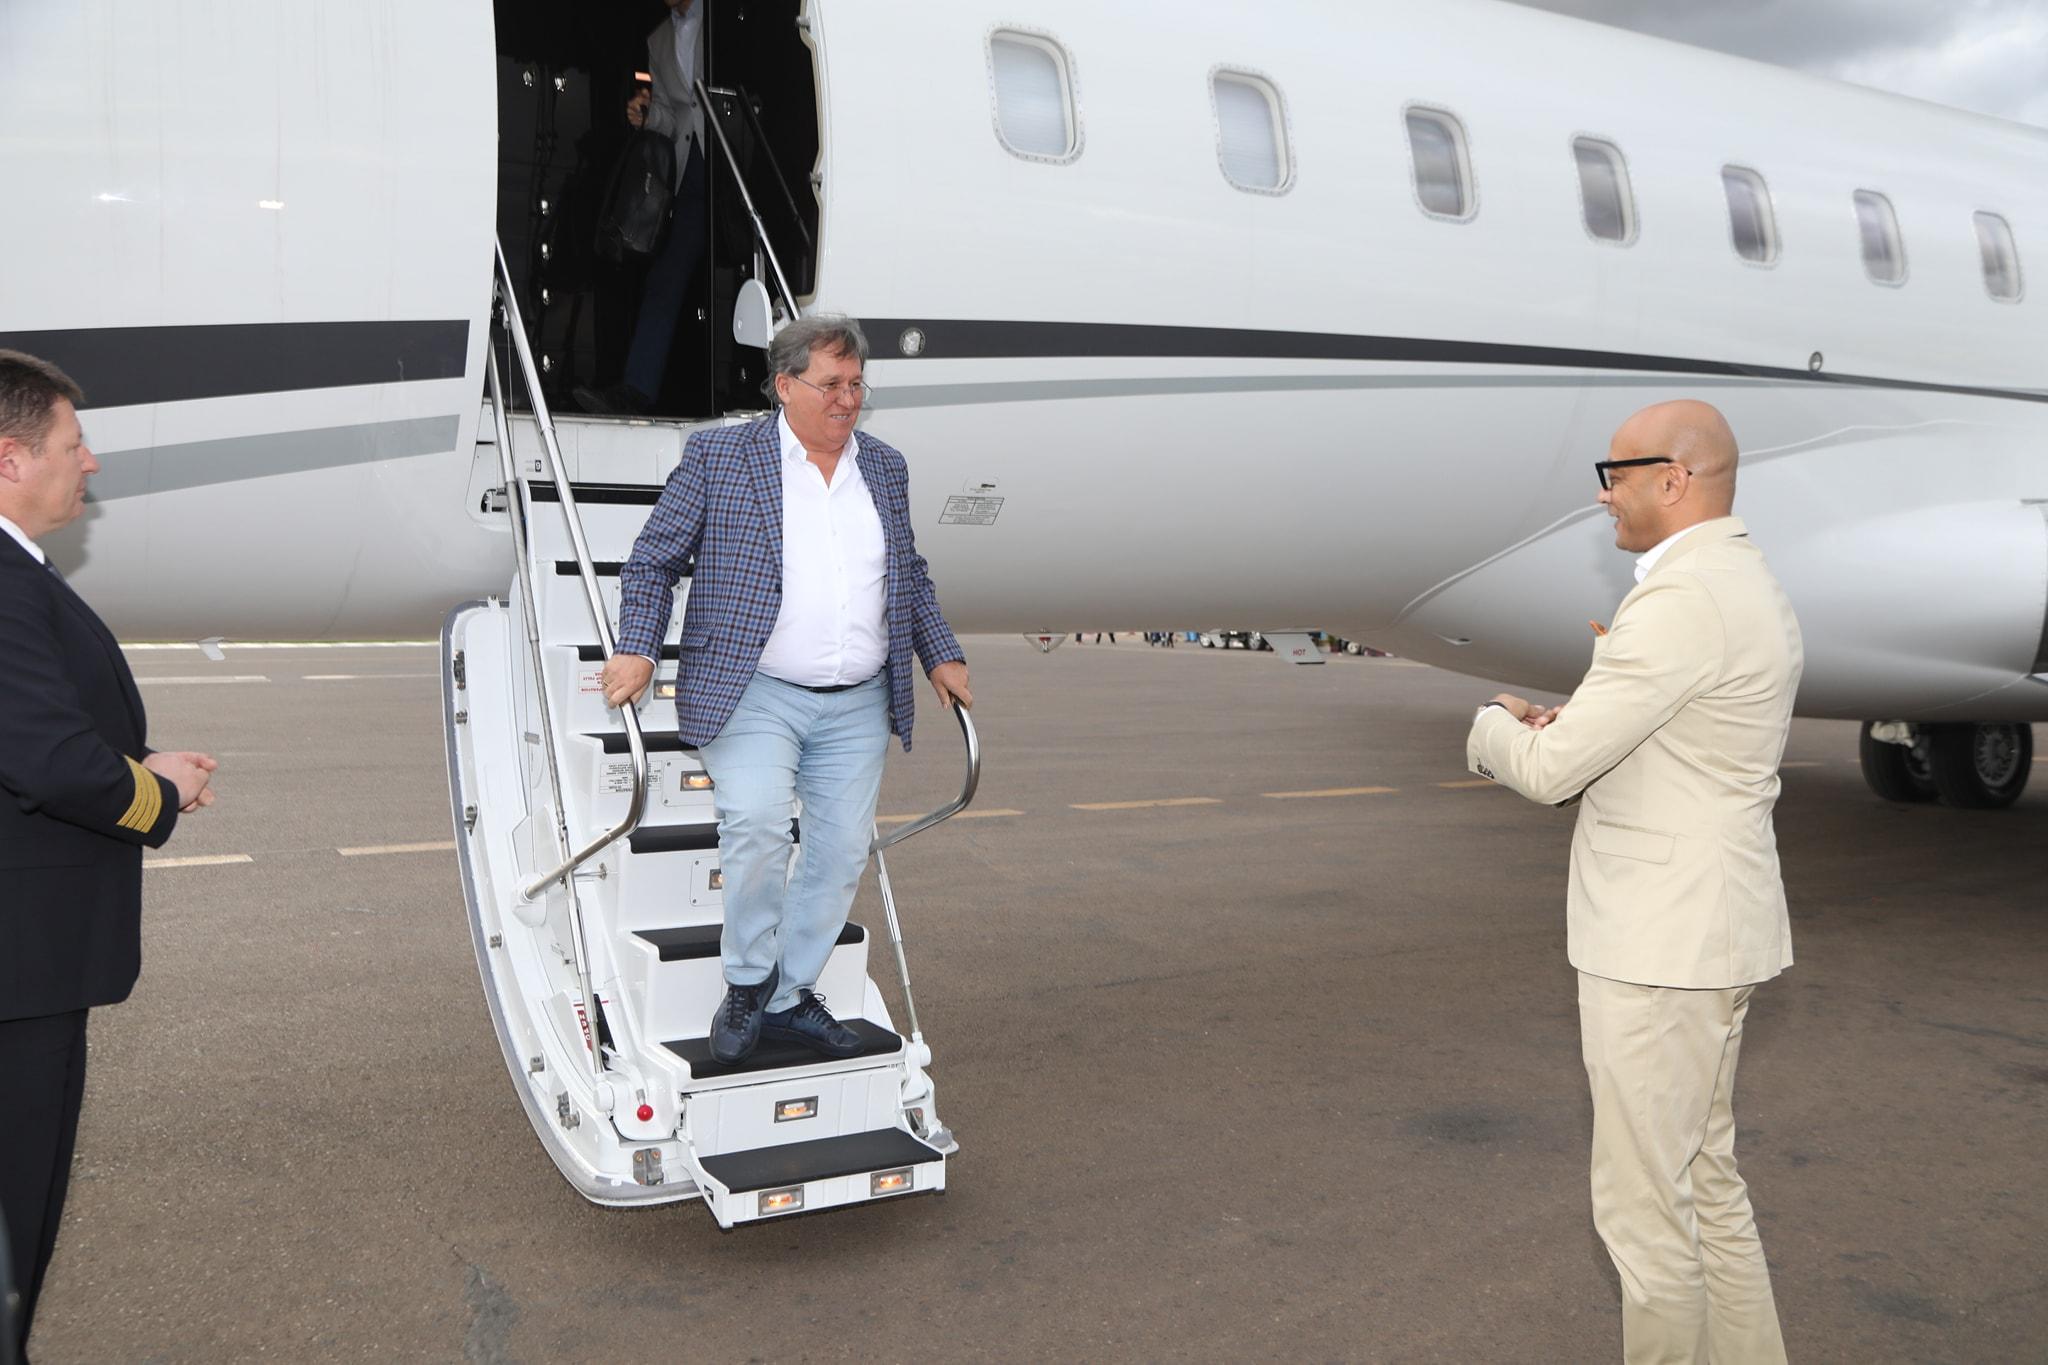 A Szijjártót megjachtoztató vállalkozó 91 milliárdos megbízást kapott az államtól